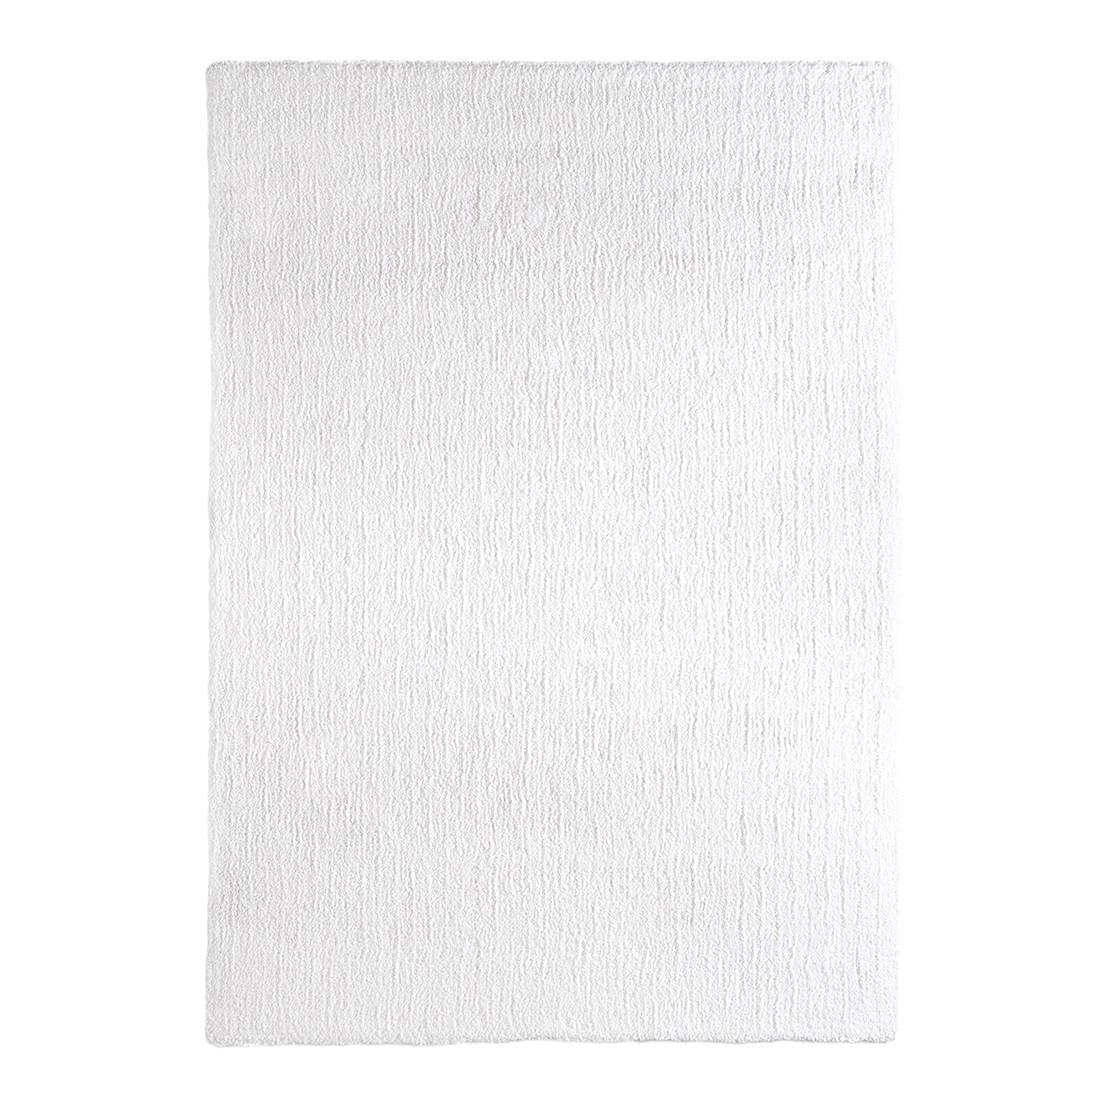 Teppich Vivaro – Weiß – 200 x 300 cm, Luxor living günstig bestellen